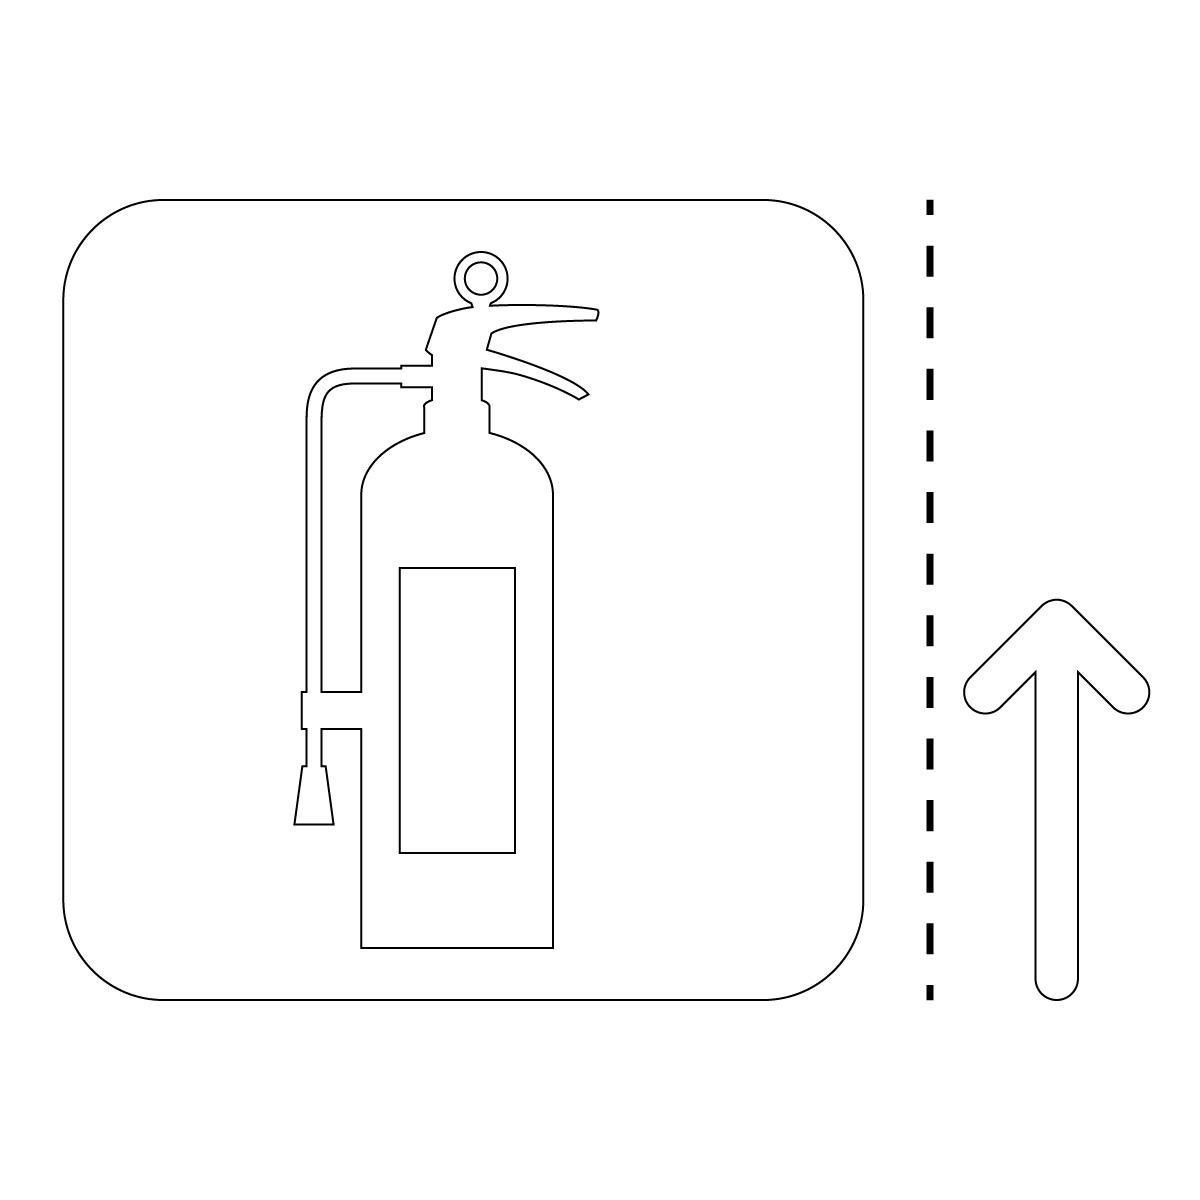 白色の消火器案内マーク(矢印付き)のカッティングステッカー・シール